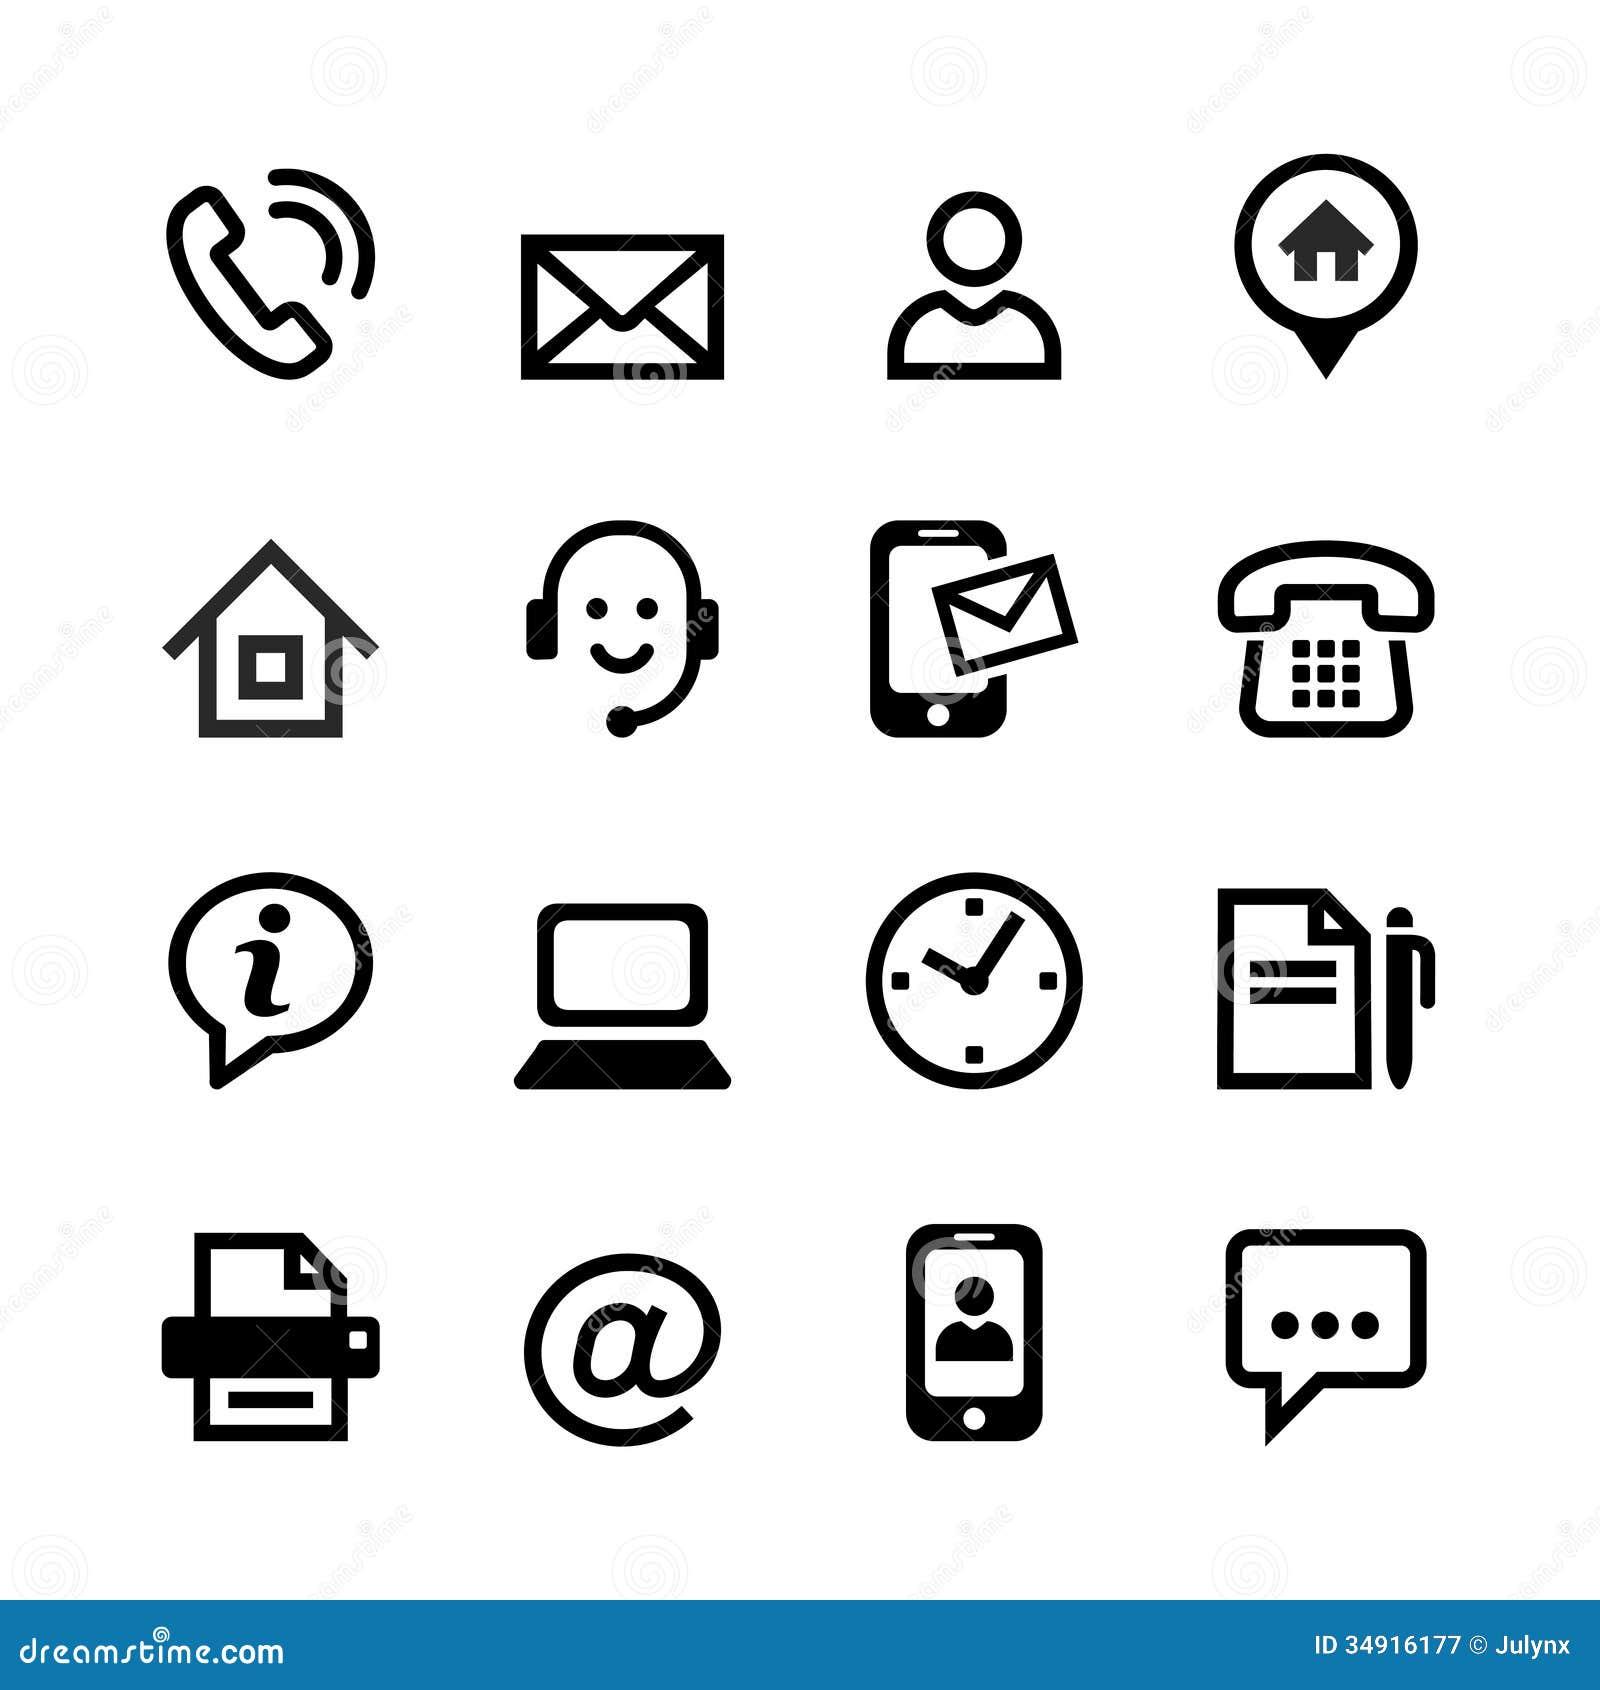 16 iconos básicos - éntrenos en contacto con